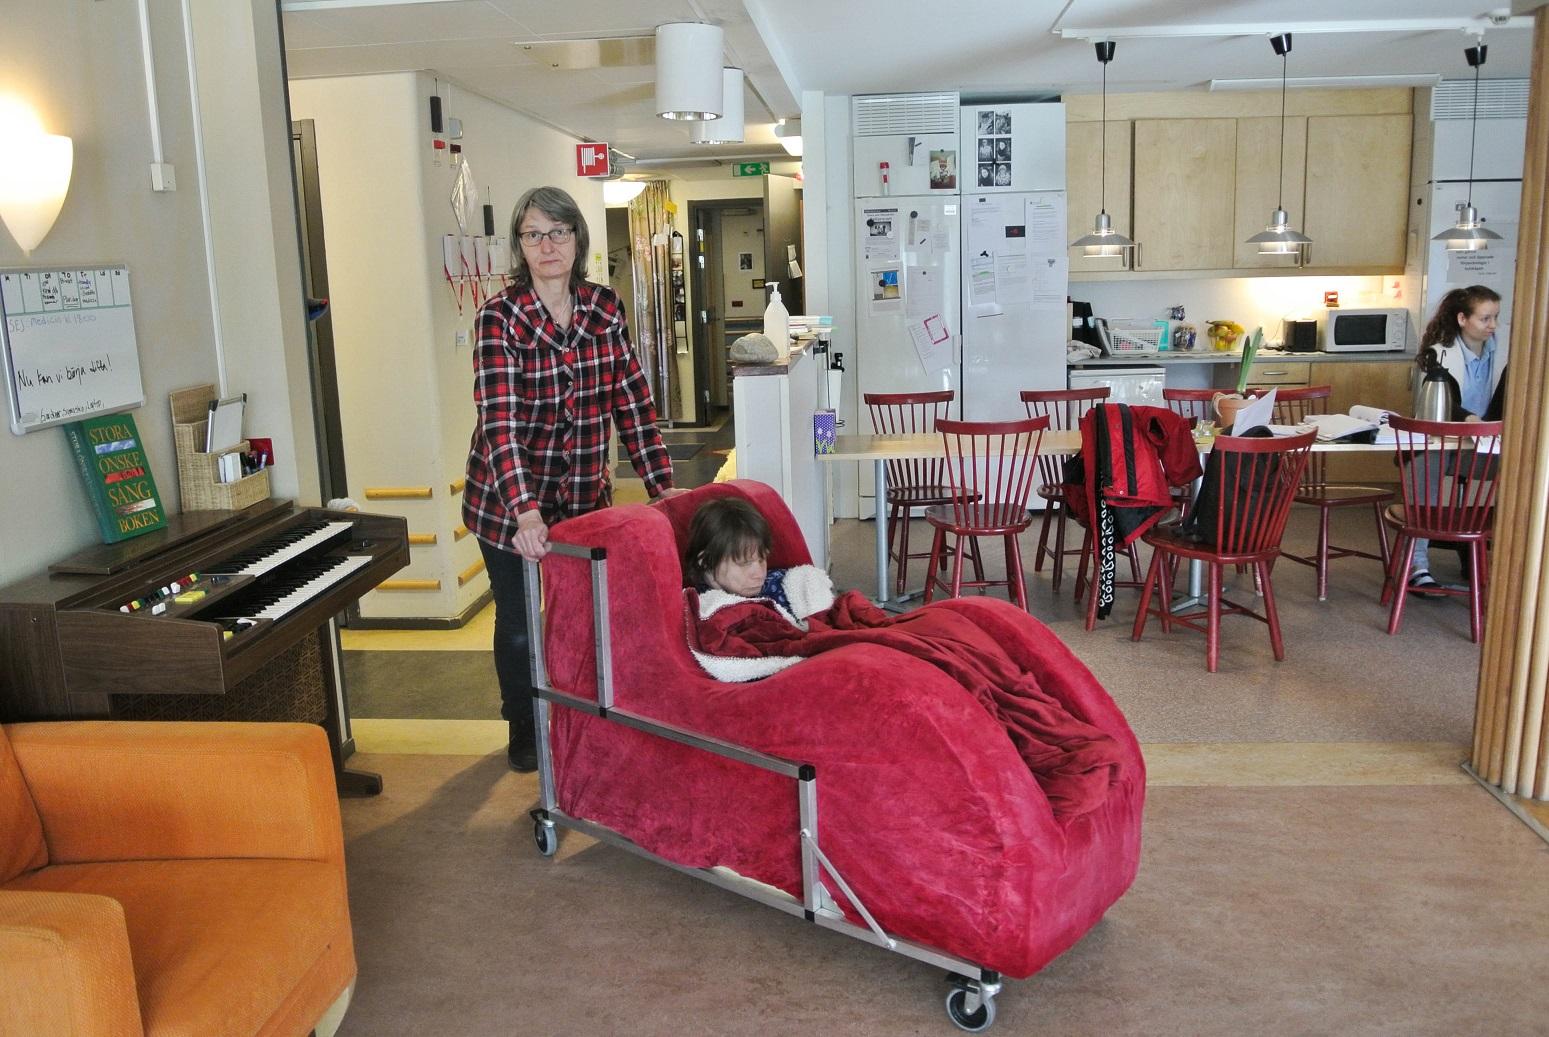 Ulla i kort ljust hår och rutig skjorta kör Anja som sitter i den röda stolen med en filt poå sig. I bakgrunden syns köksbordet med stolar.